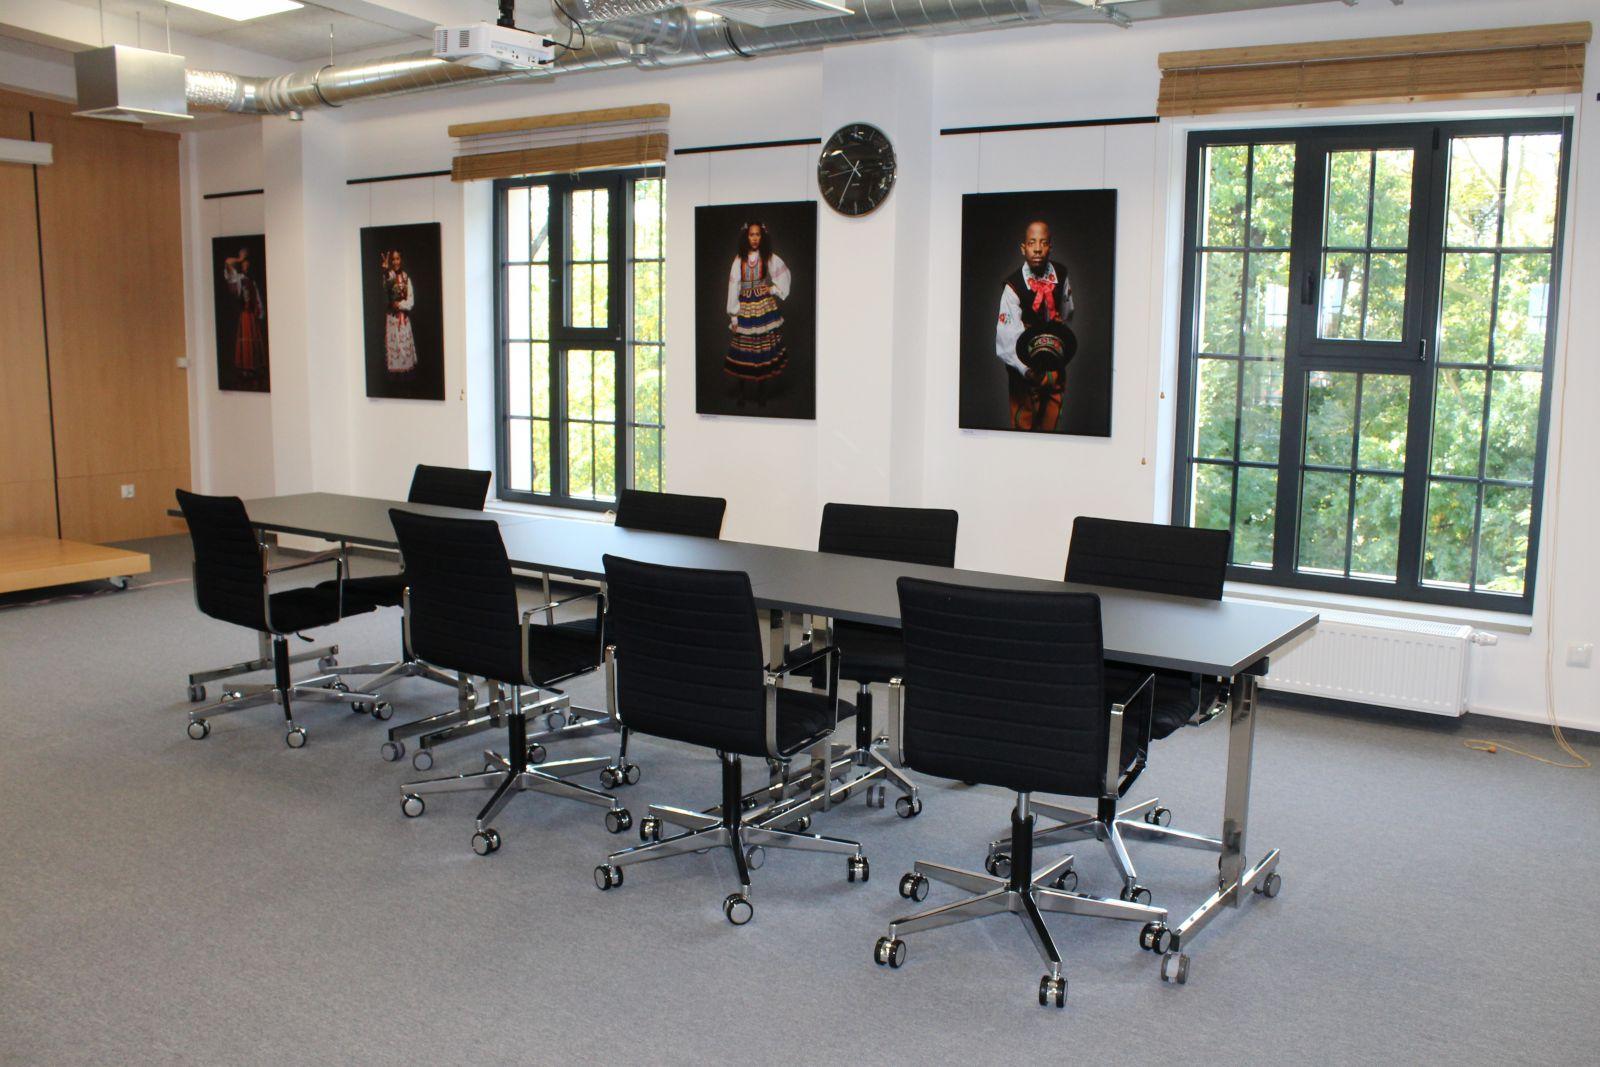 Fotografia sali konferencyjnej. Czarne krzesła w jasnym pomieszczeniu. Na ścianie kolorowe fotografie.